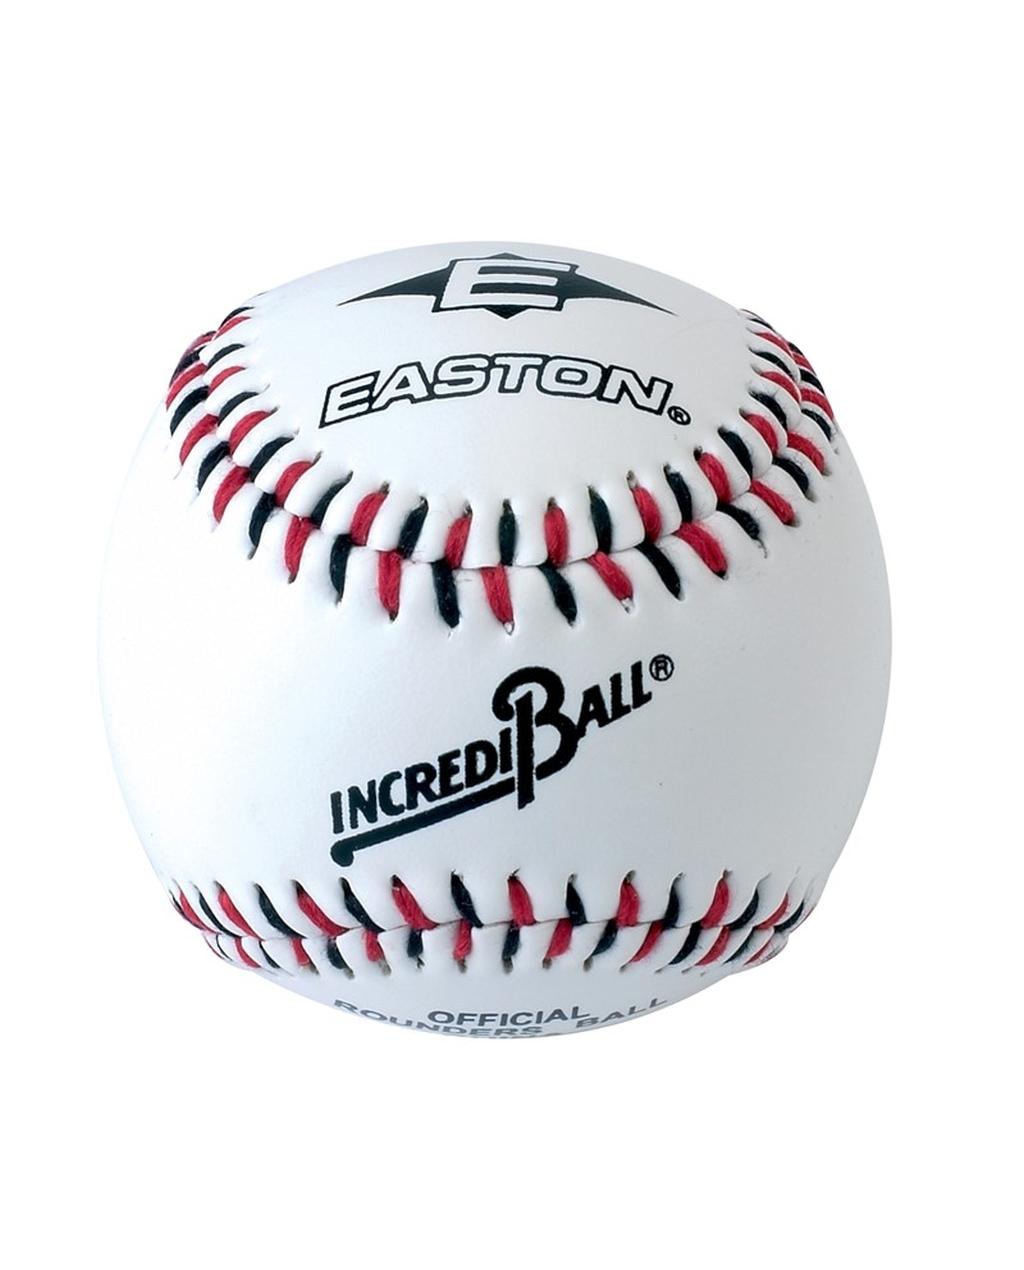 Aeroball Rounders Ball